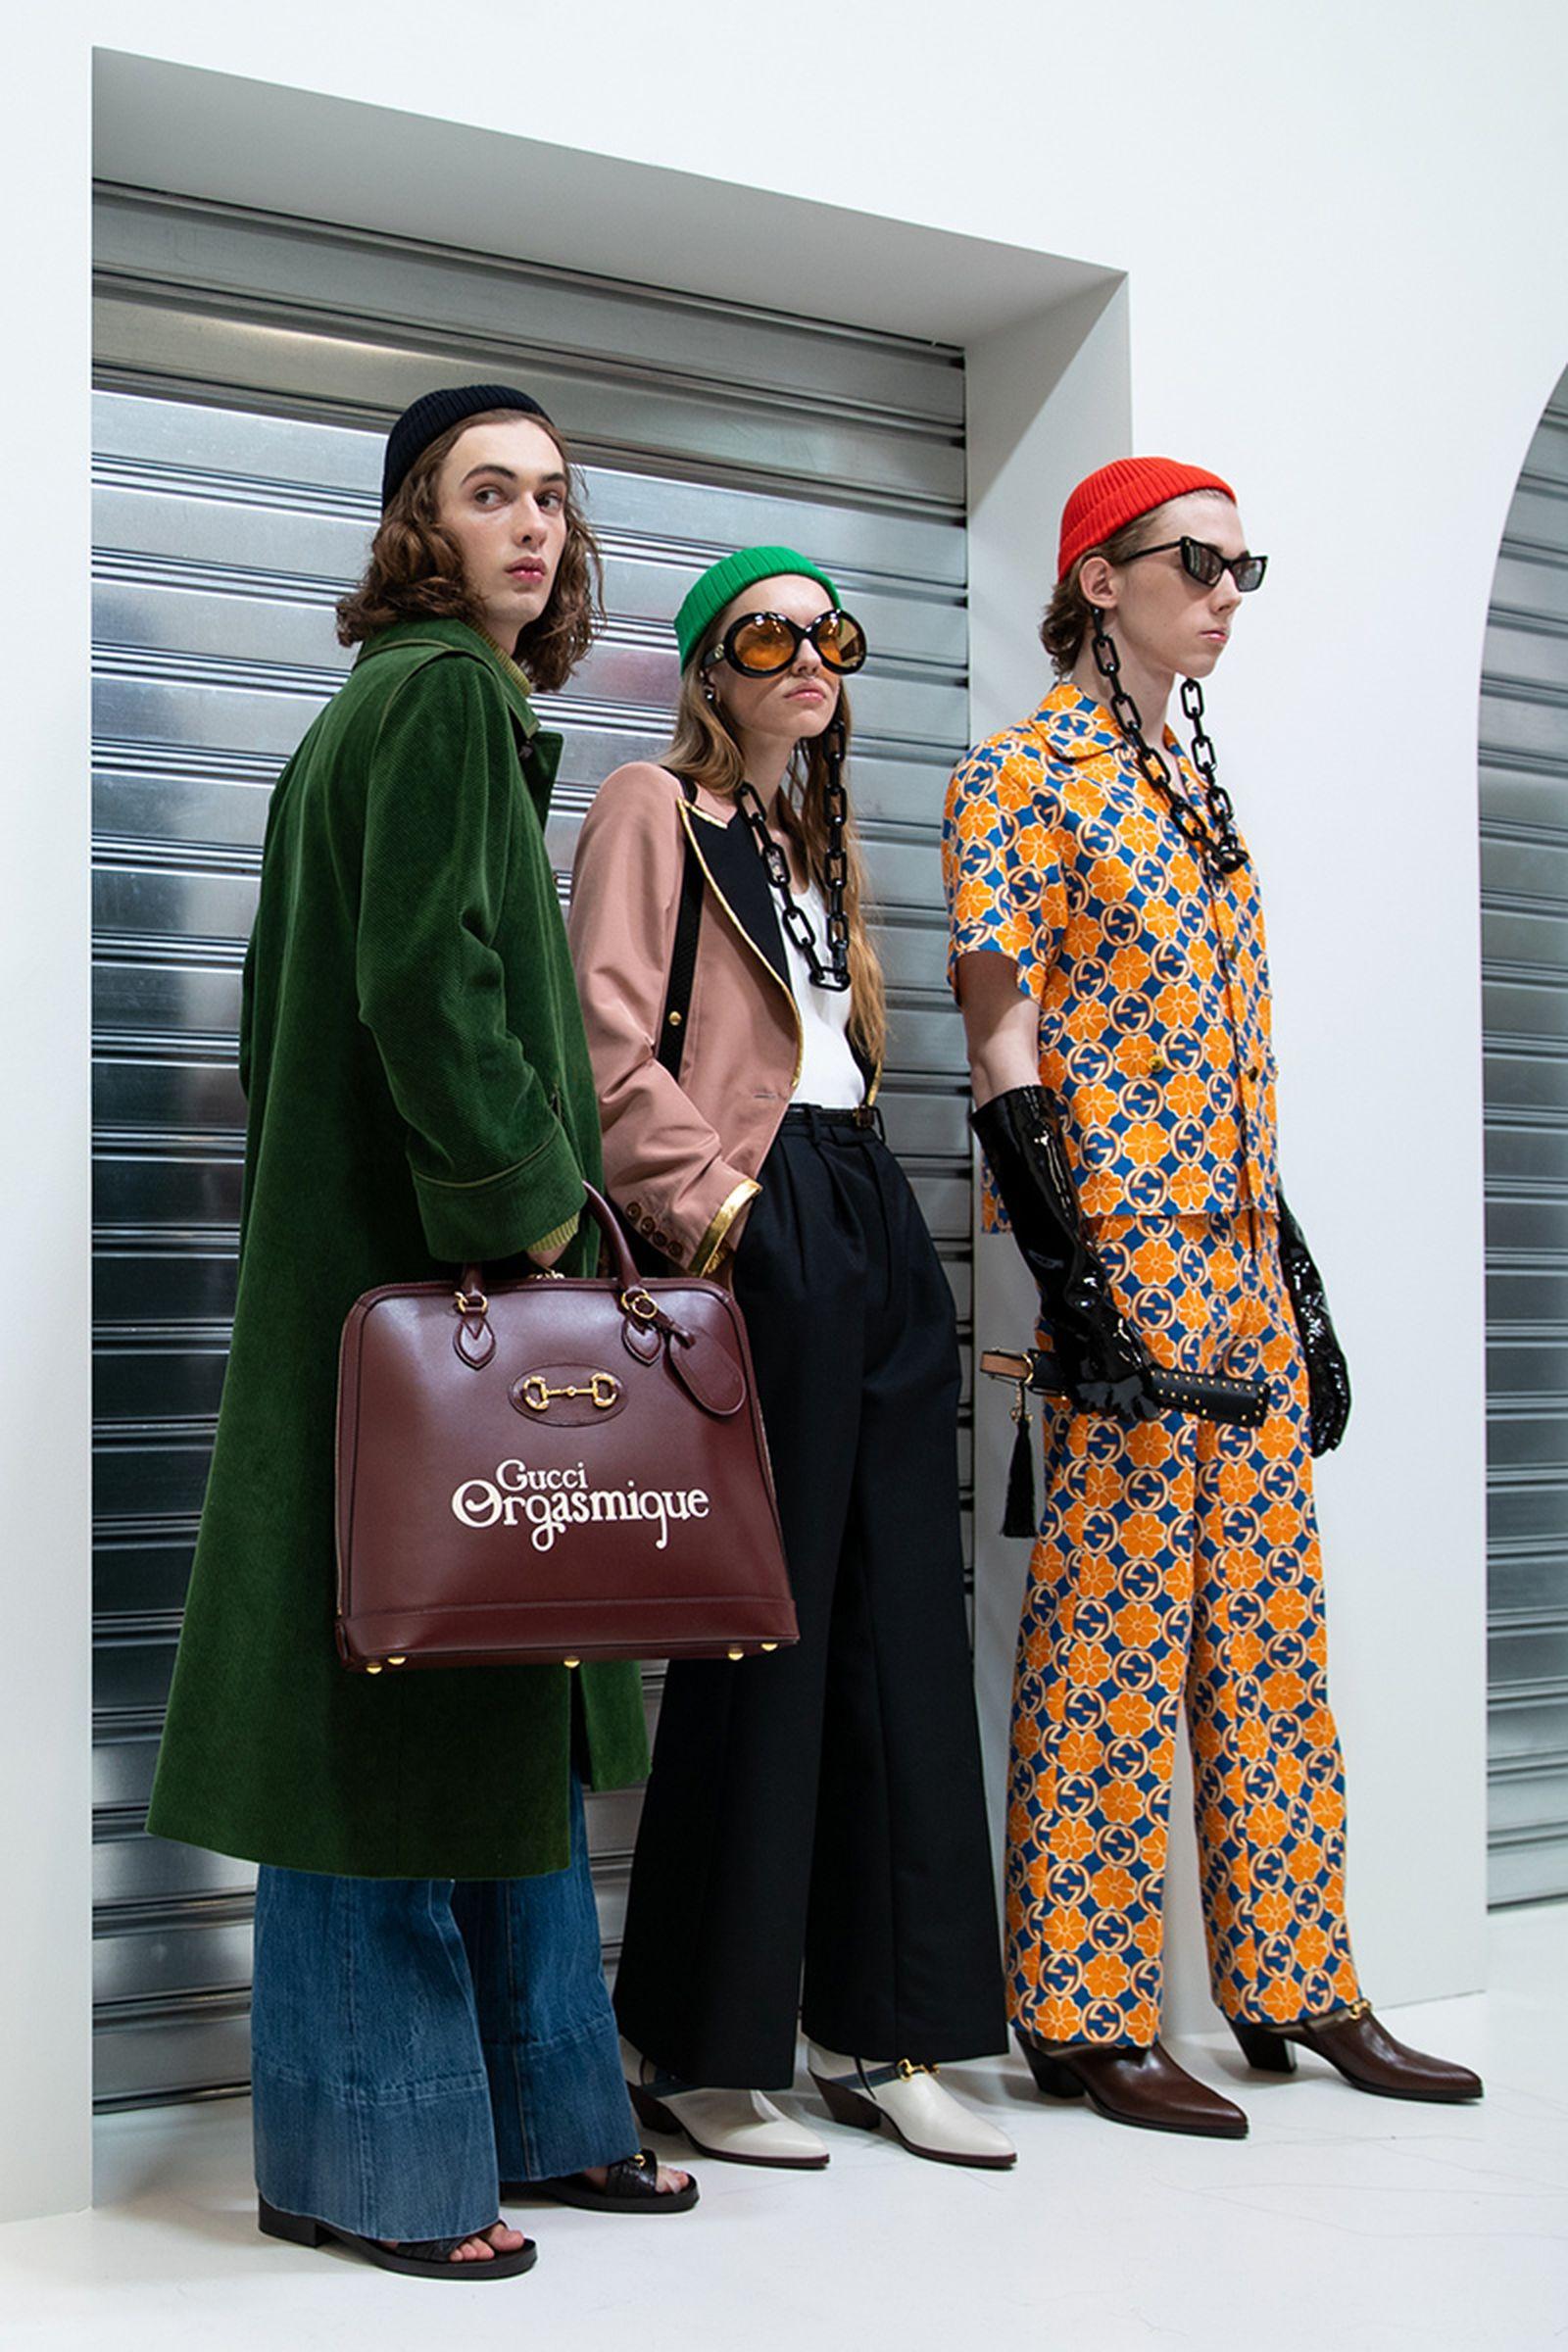 fashion-week-happening-not-07